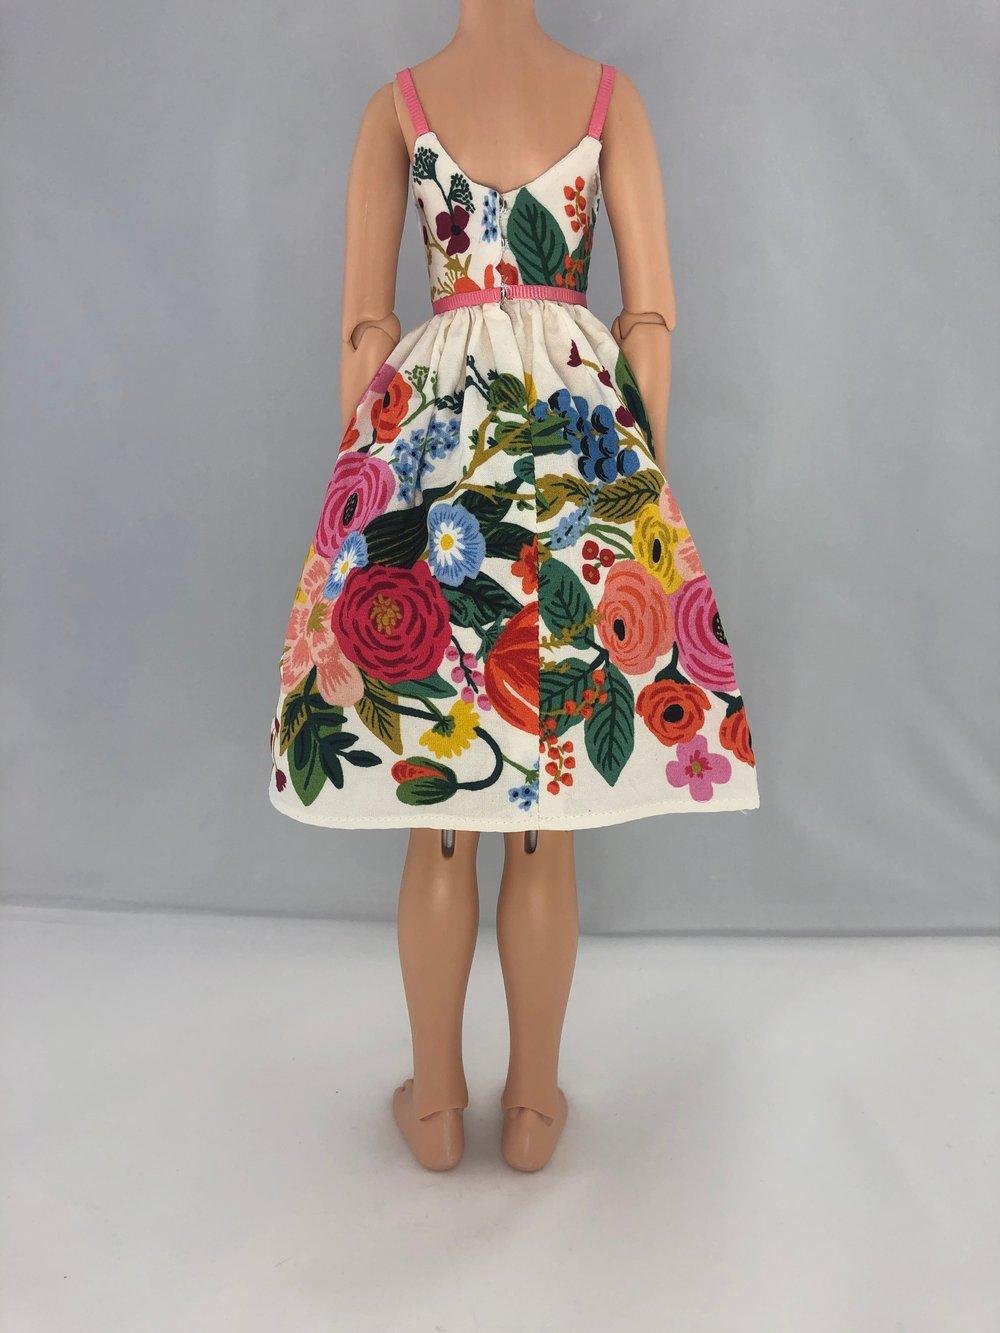 Belted Vintage Floral Dress: Unoa